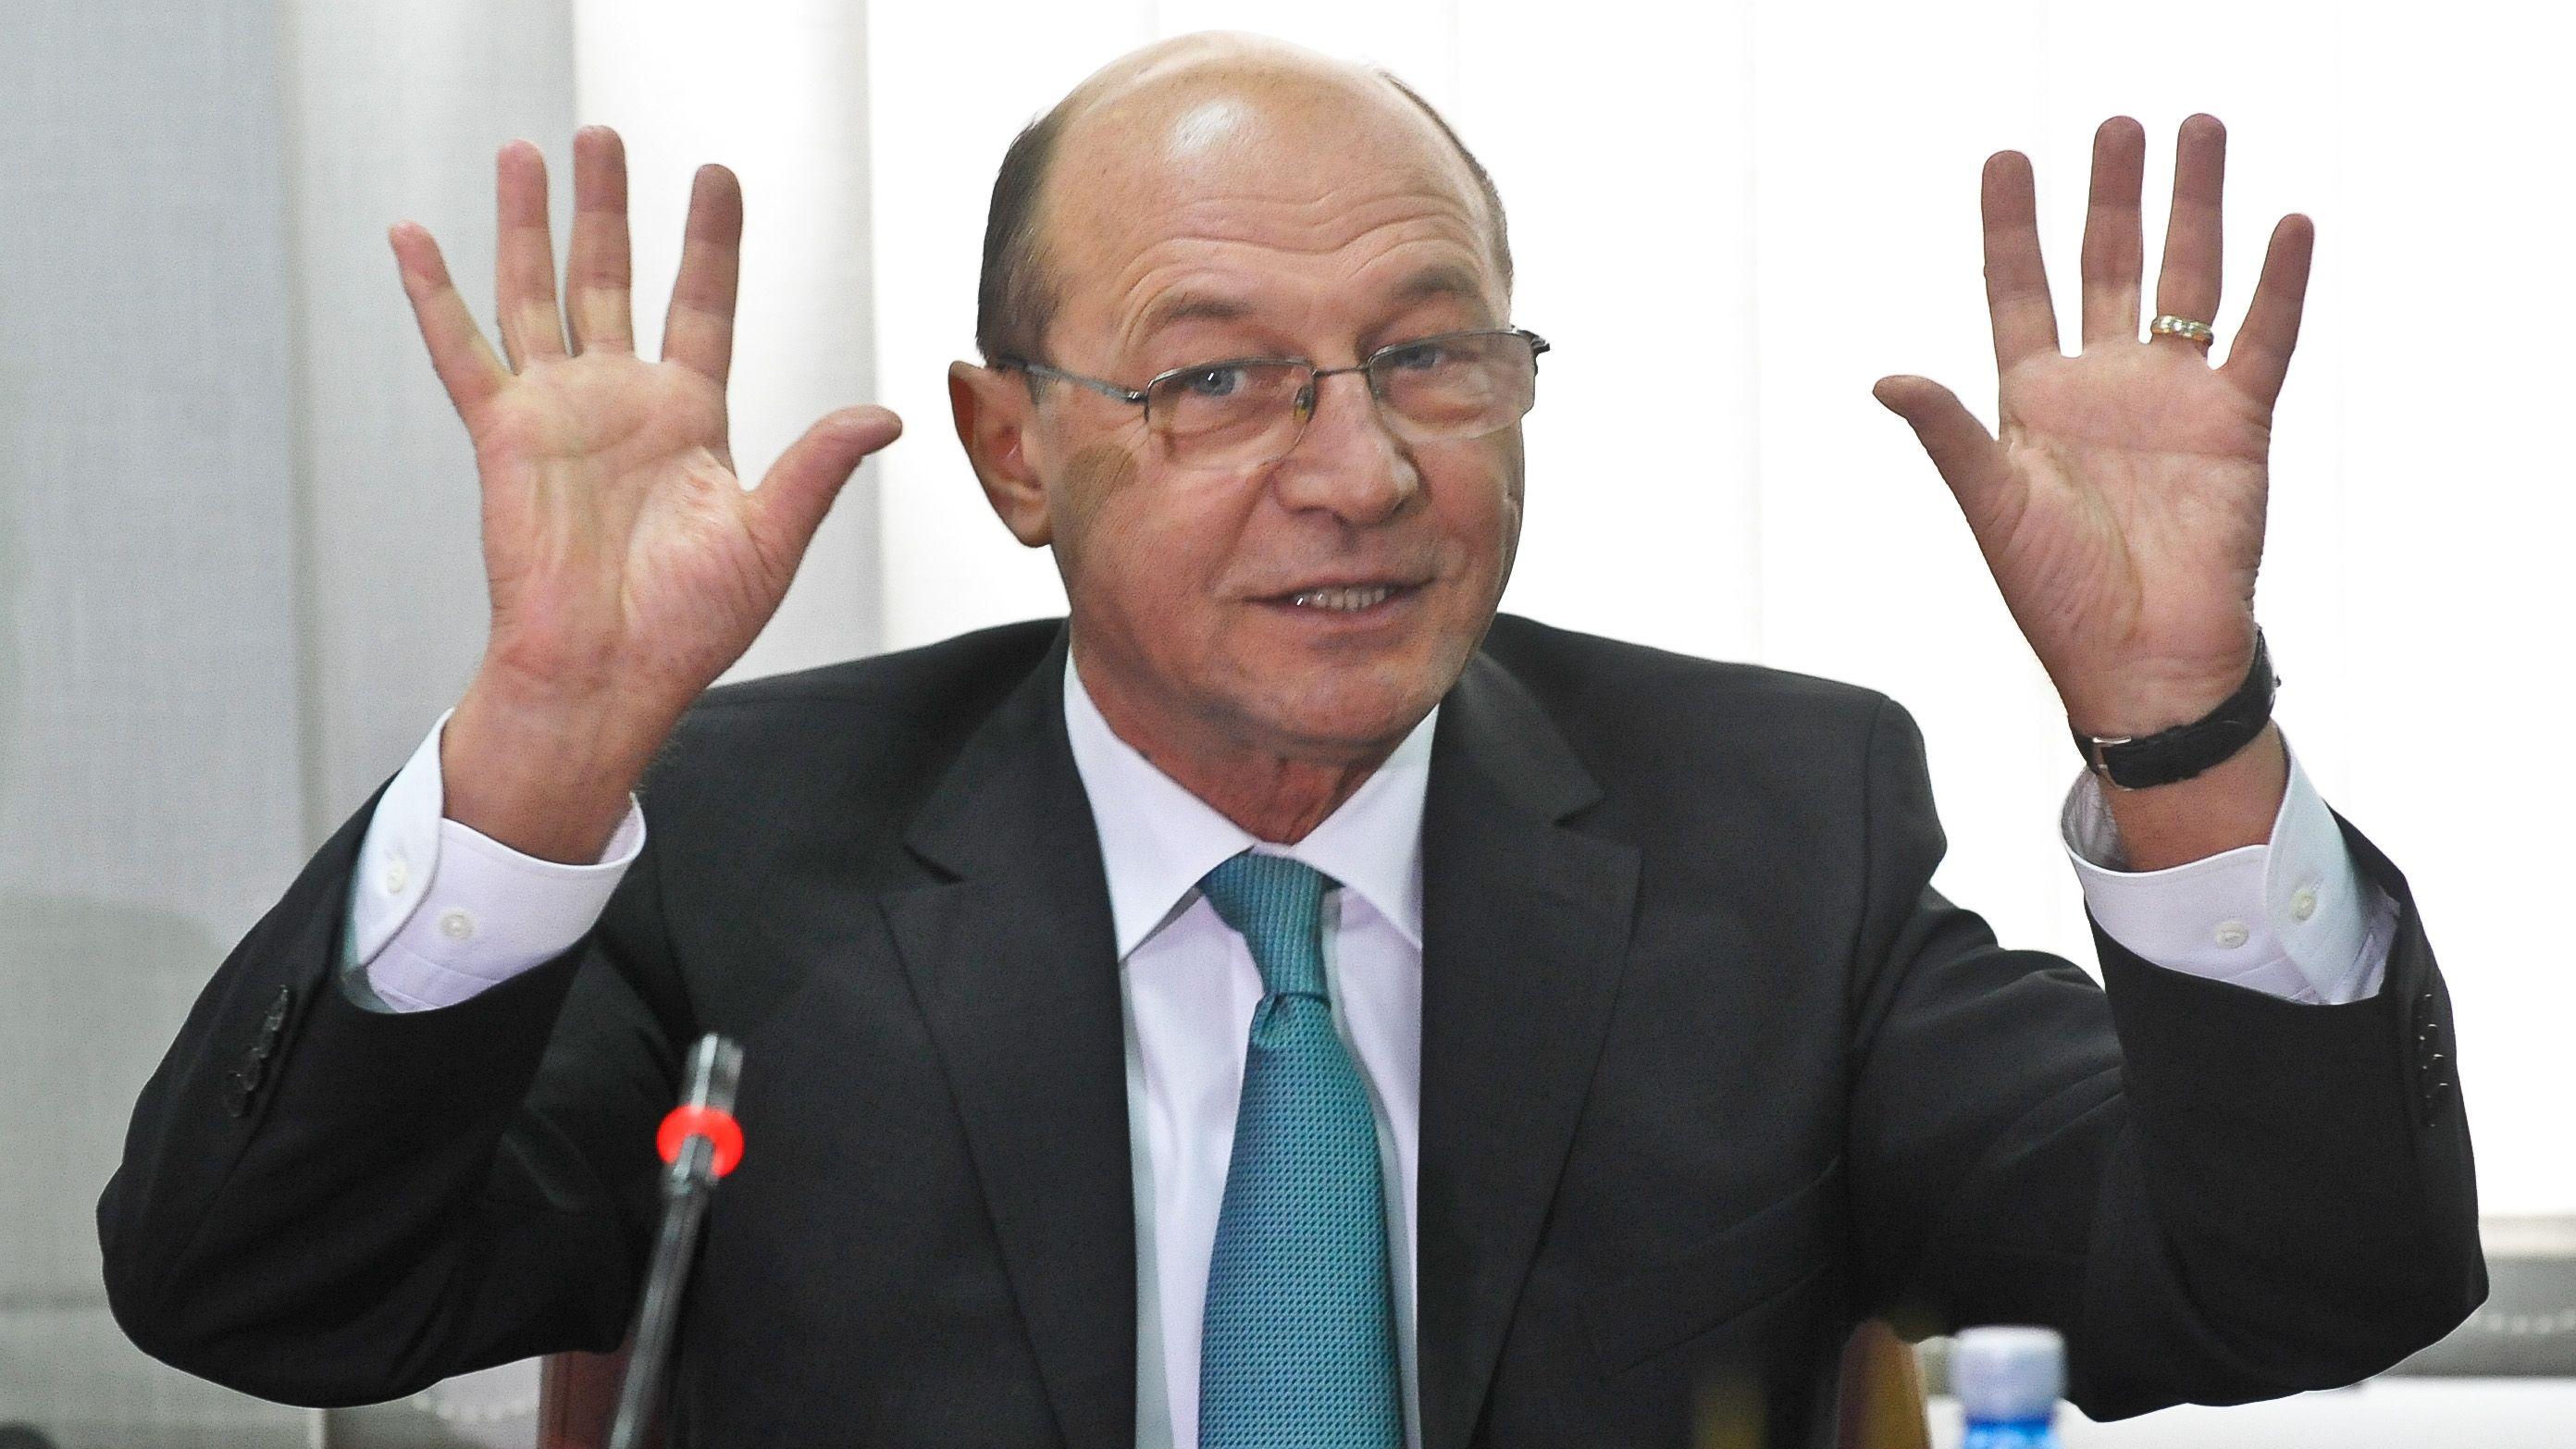 Exclusiv: Pe 2 aprilie, CSM i-a tras-o lui Băsescu